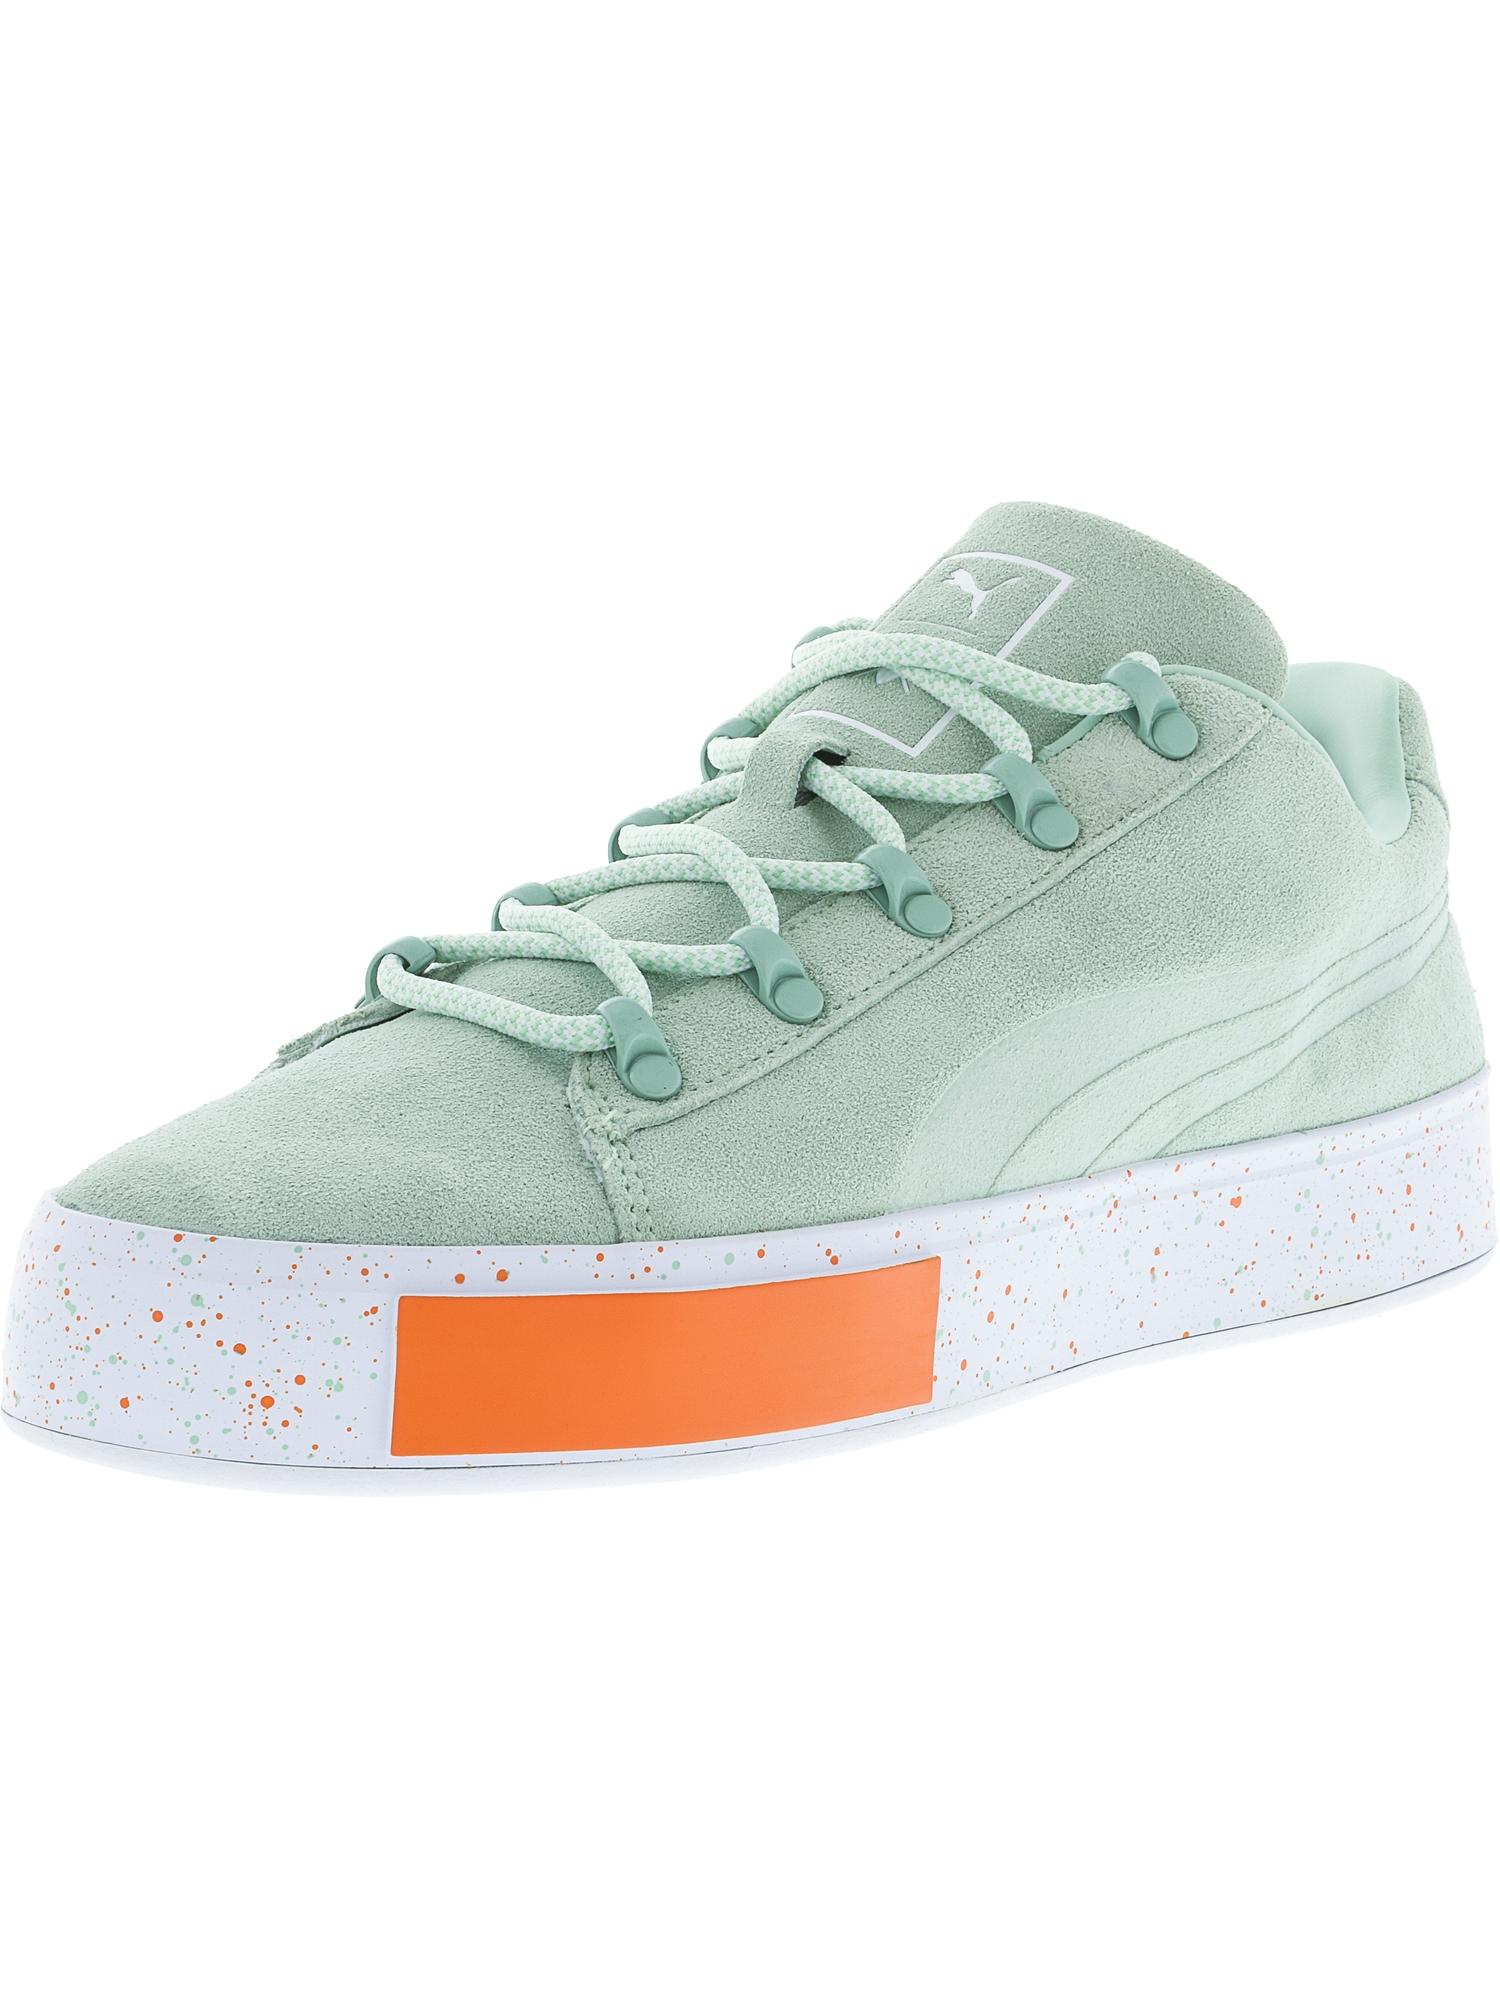 Puma Men's X Dp Court Platform Ss Gossamer Green Ankle-High Fashion Sneaker - 10M